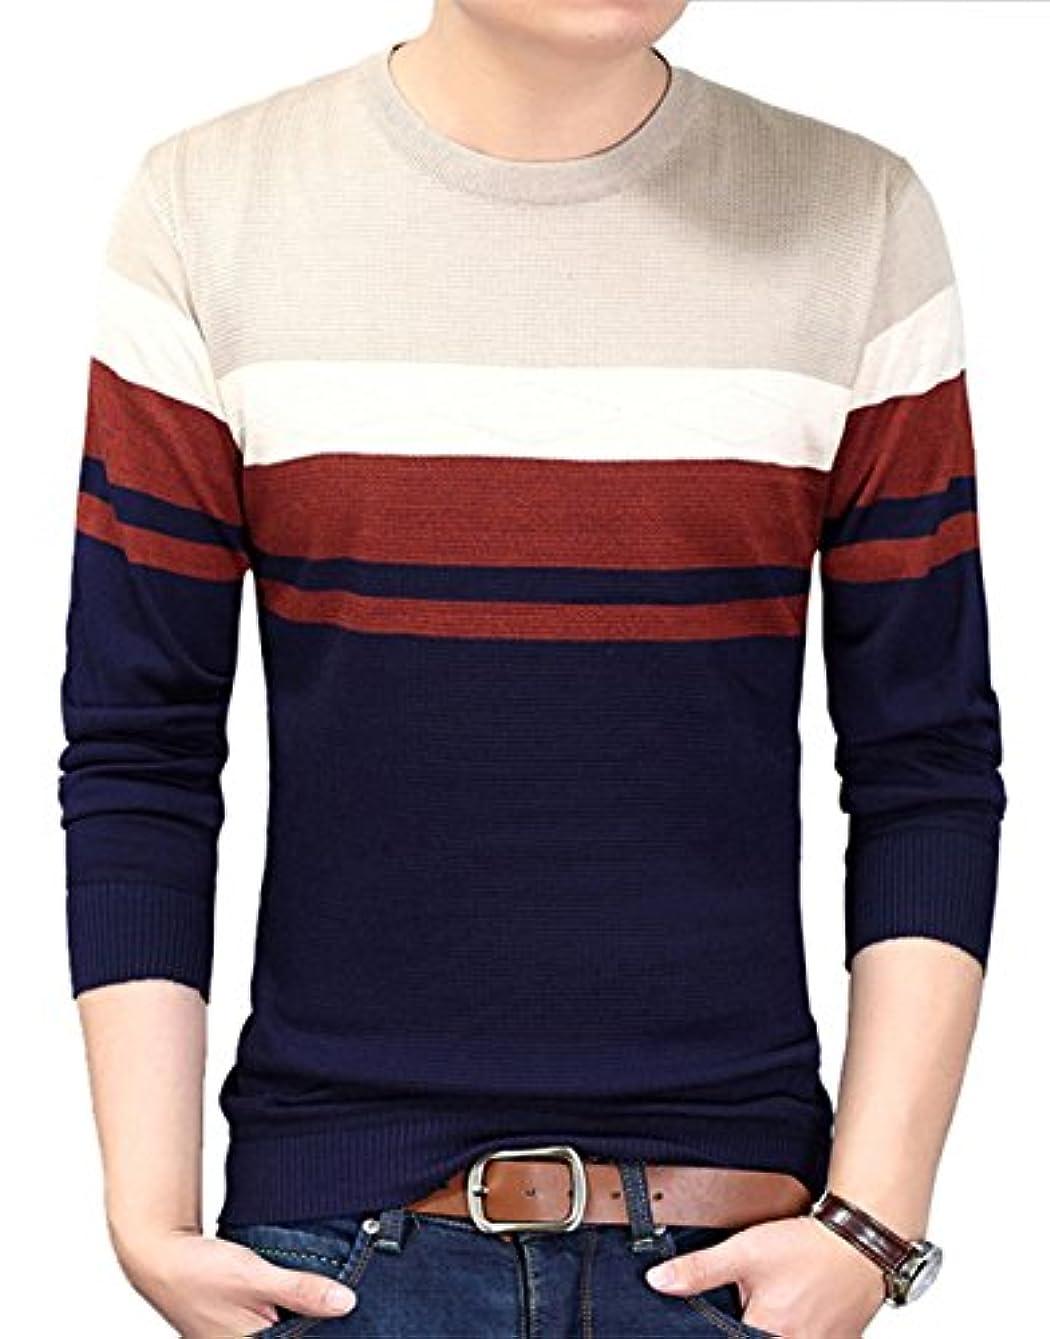 供給見分ける熱狂的なZUOMA若い男性スリムプルオーバーのセーターニットVネックセーターシャツ、薄い男性モデルを底